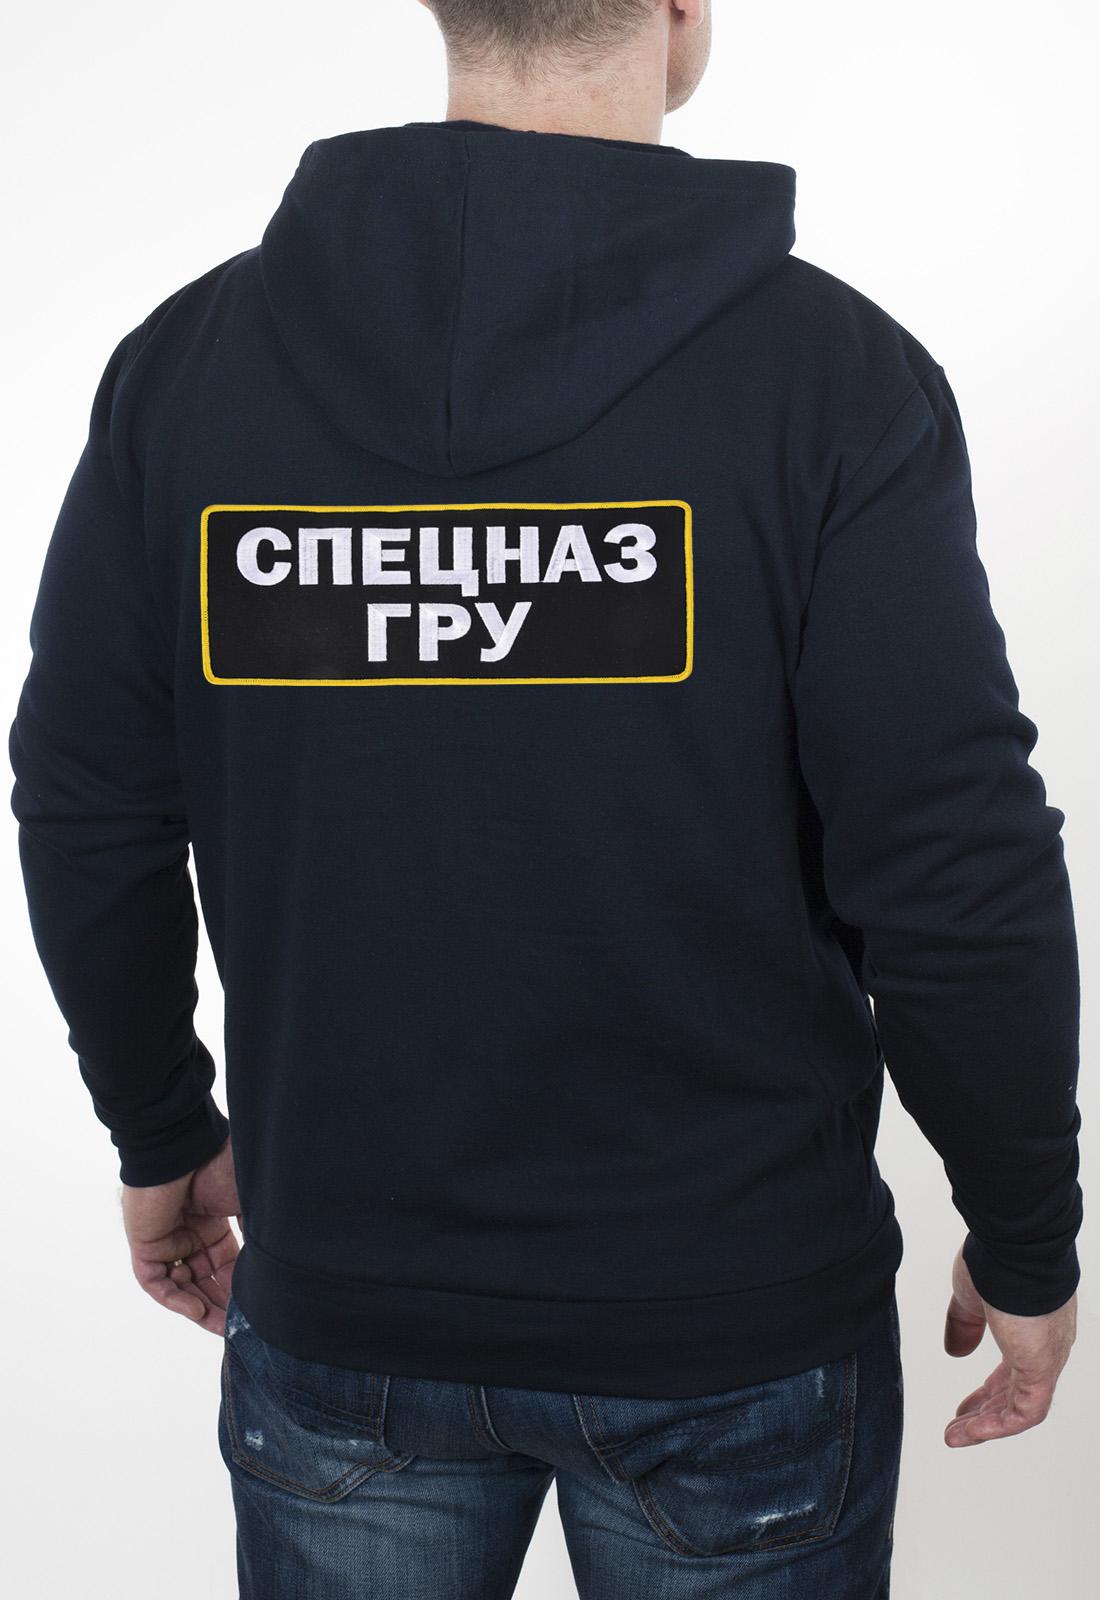 Продажа формы с символикой ГРУ: толстовки, шорты, футболки, кепки